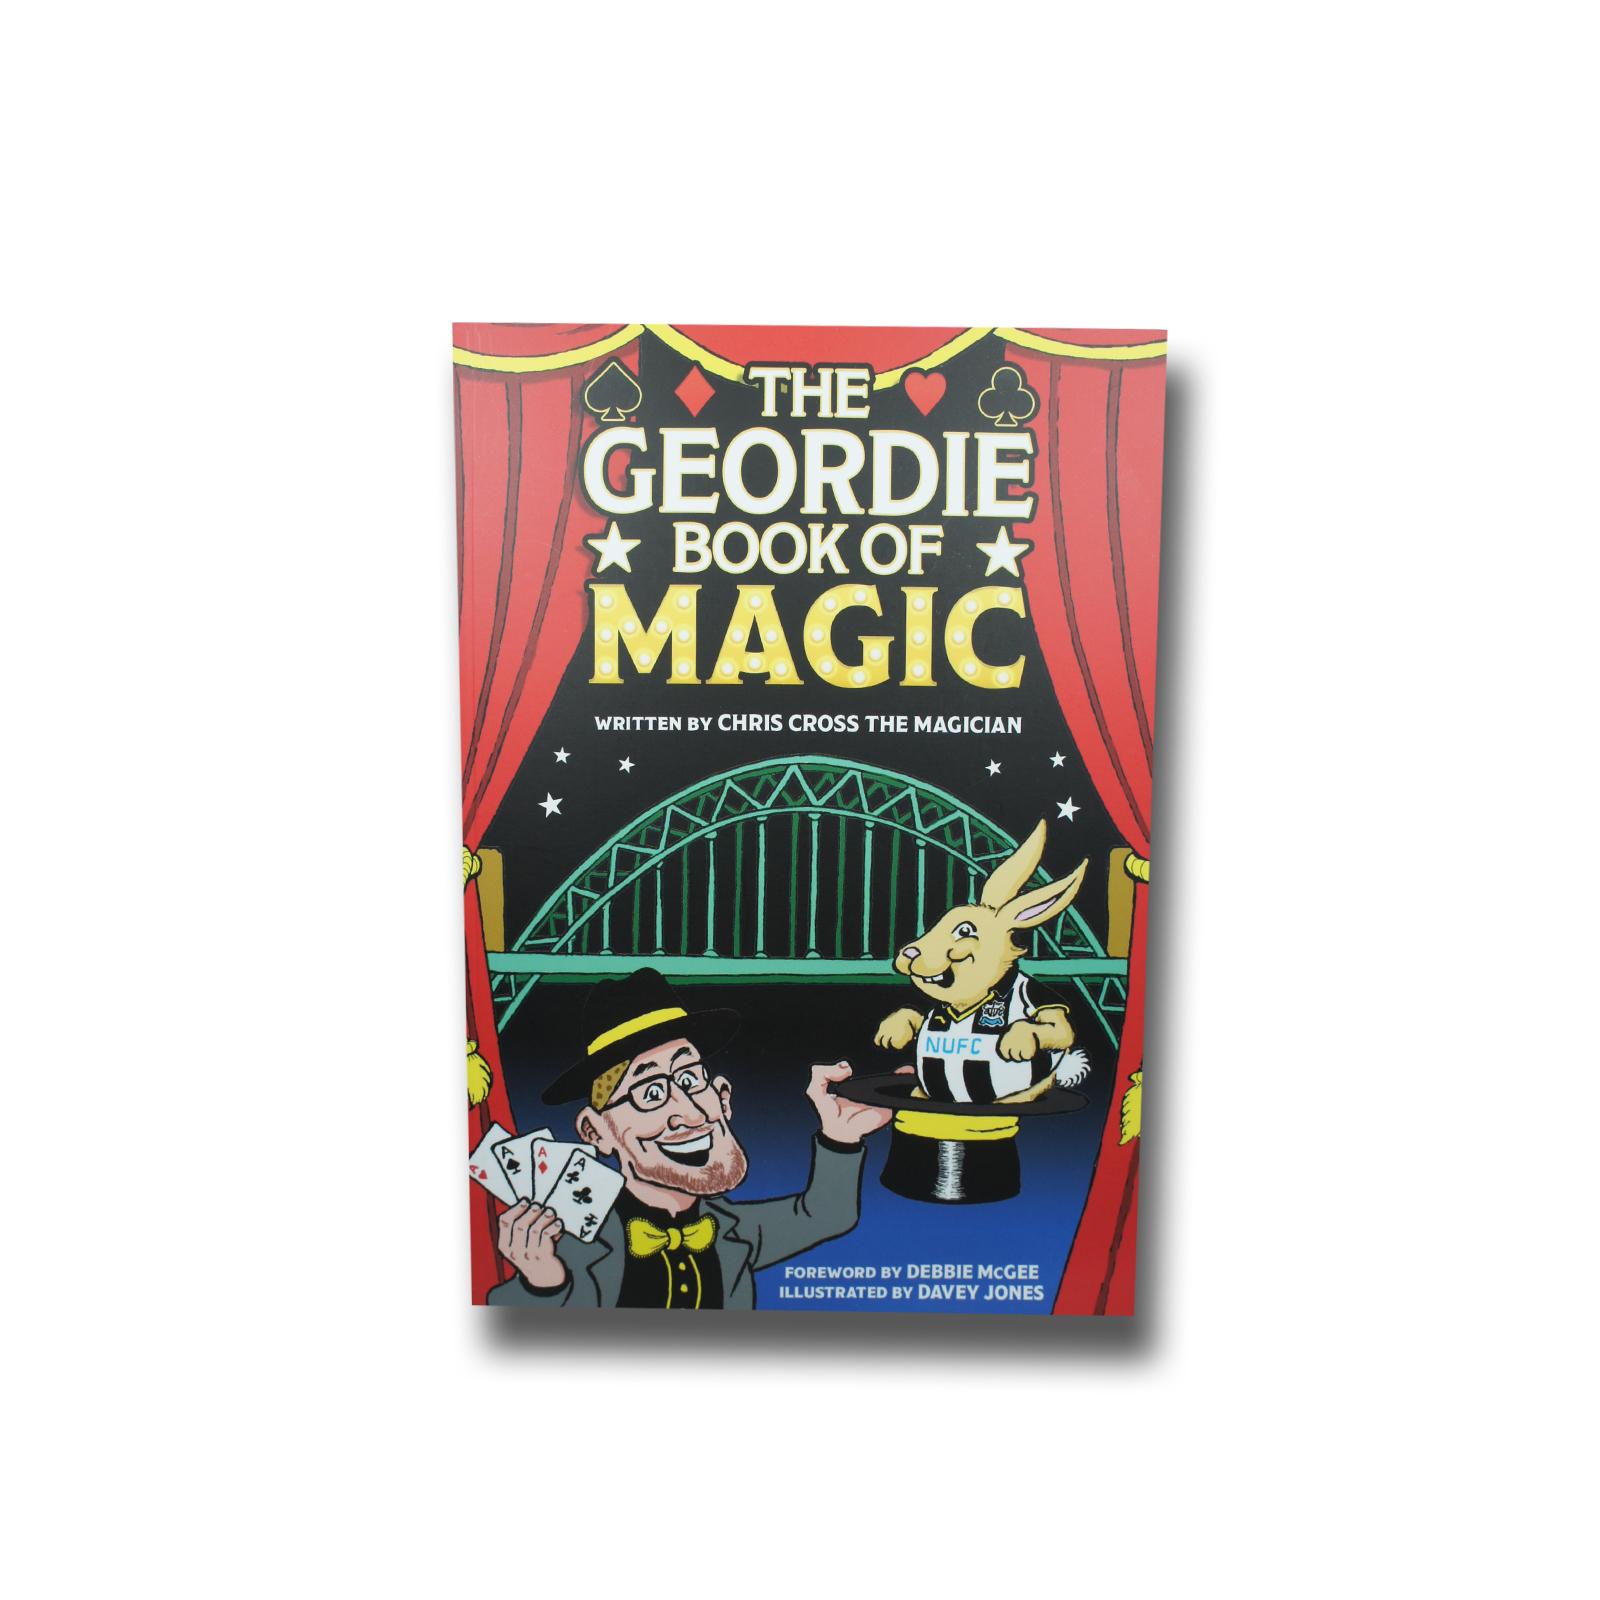 The Geordie Book of Magic